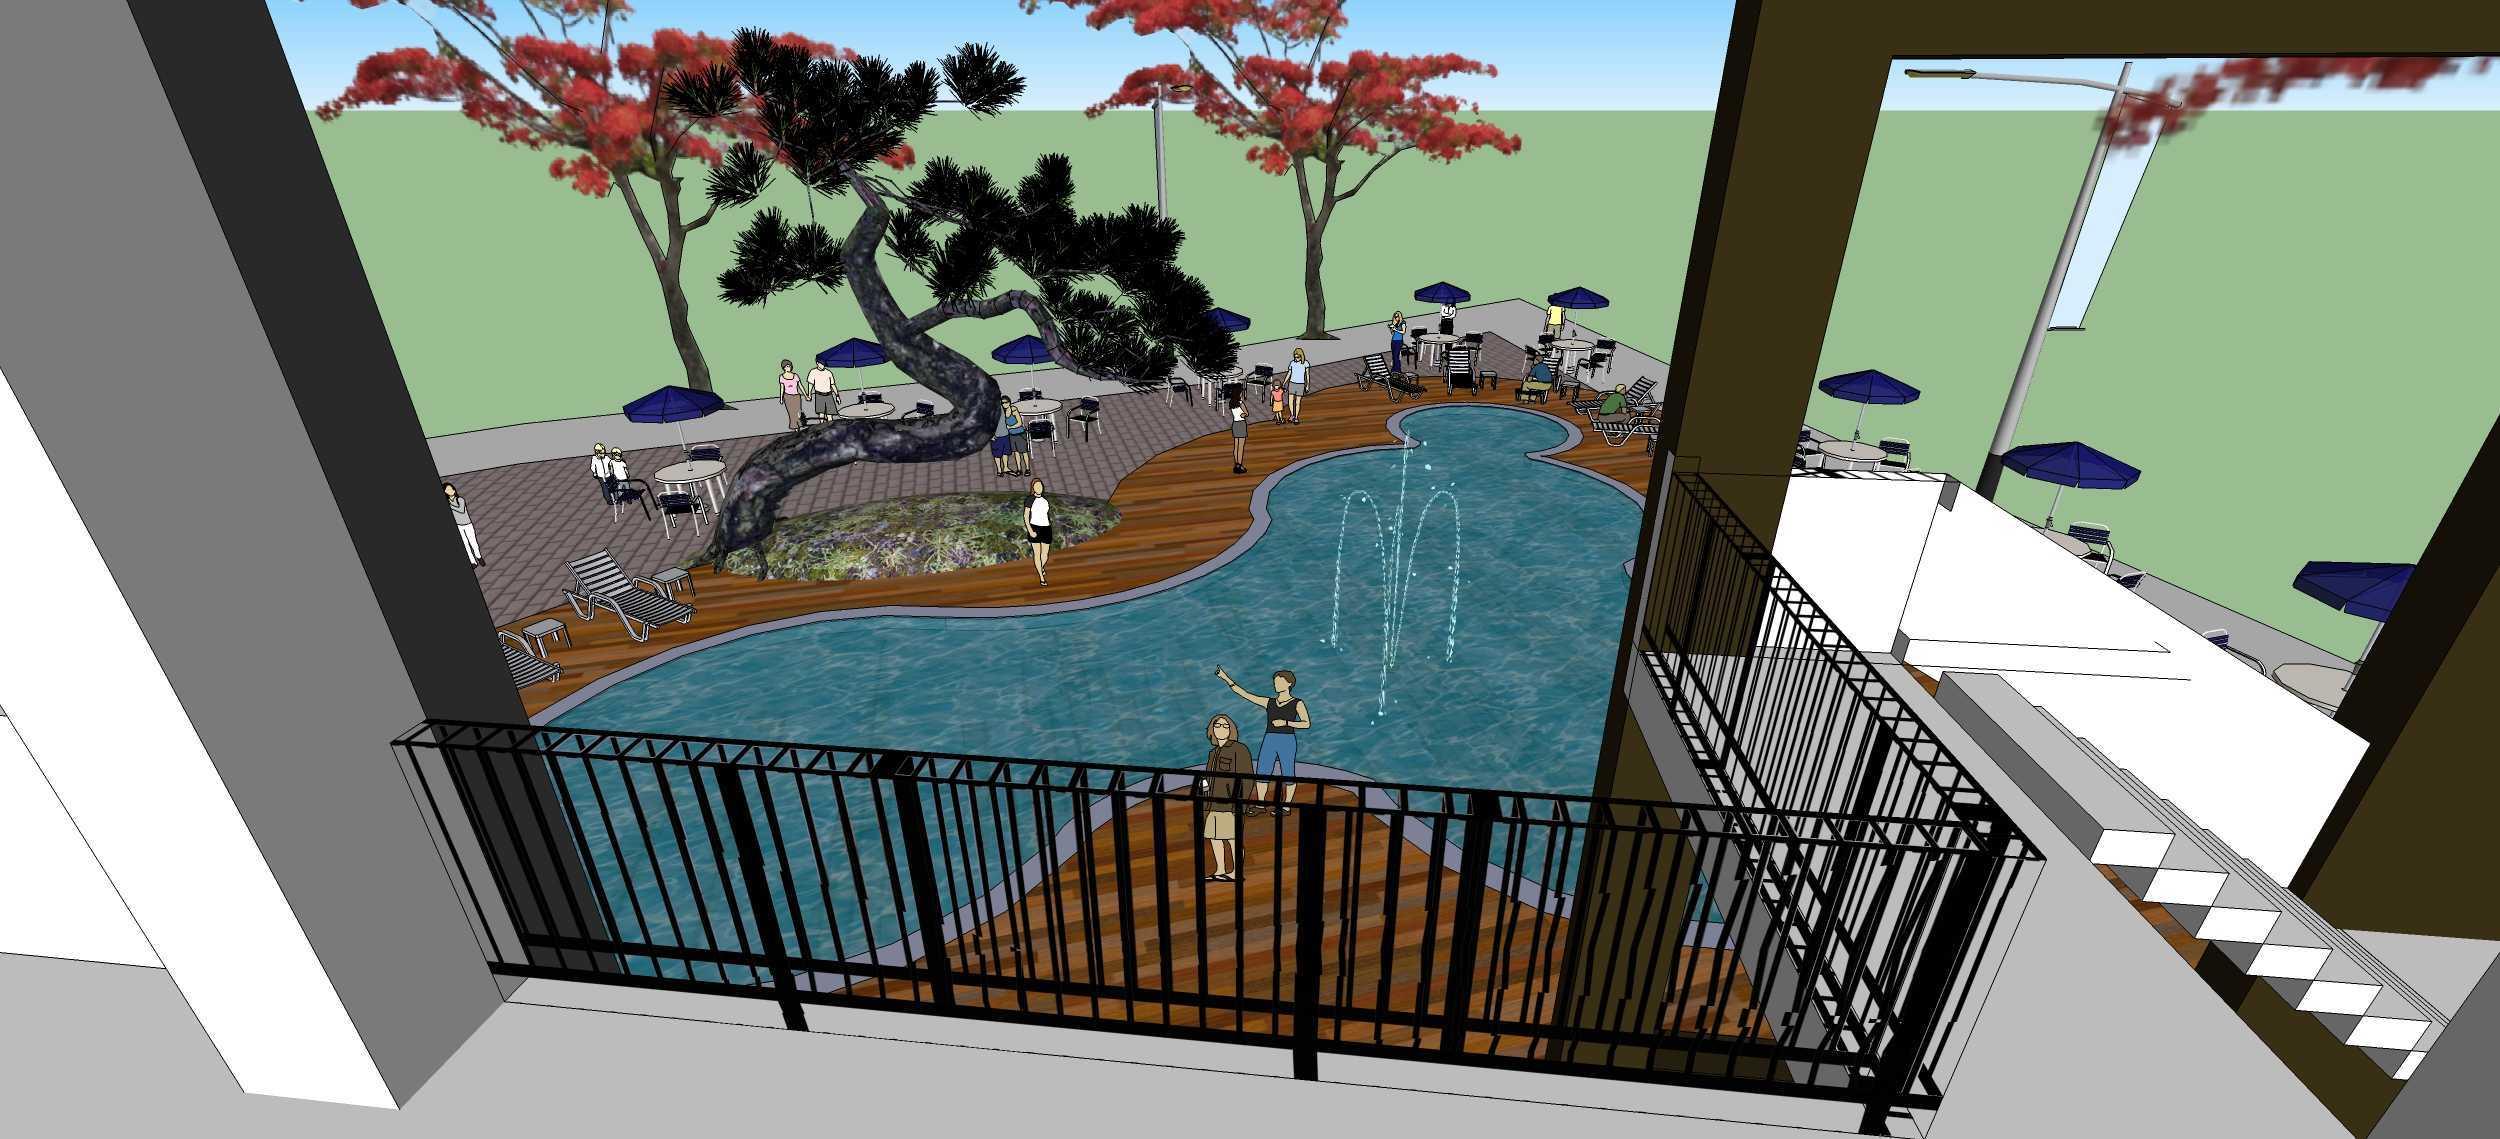 Wicaksono Pandyo Prasasto Hollywood Square Bogor, Jawa Barat Bogor, Jawa Barat Swimming Pool View   27015